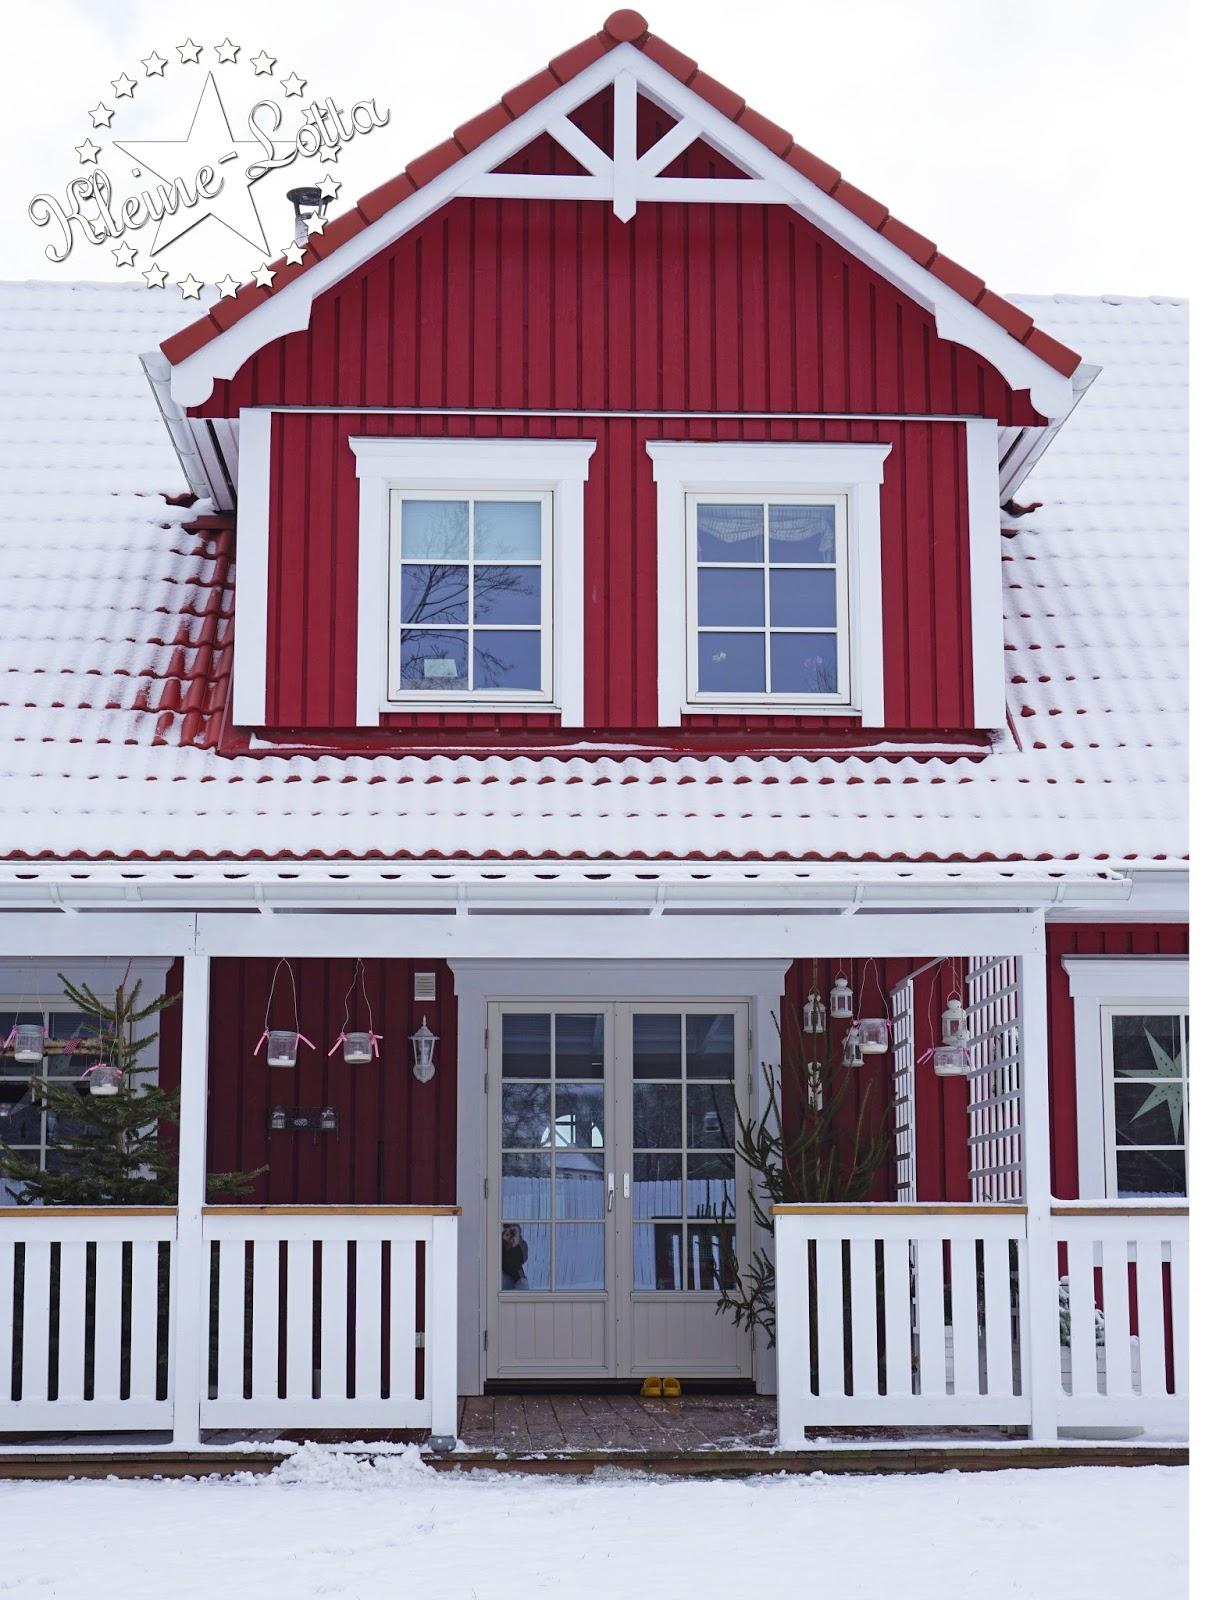 kleine lotta unser schwedenhaus schneegest ber und. Black Bedroom Furniture Sets. Home Design Ideas